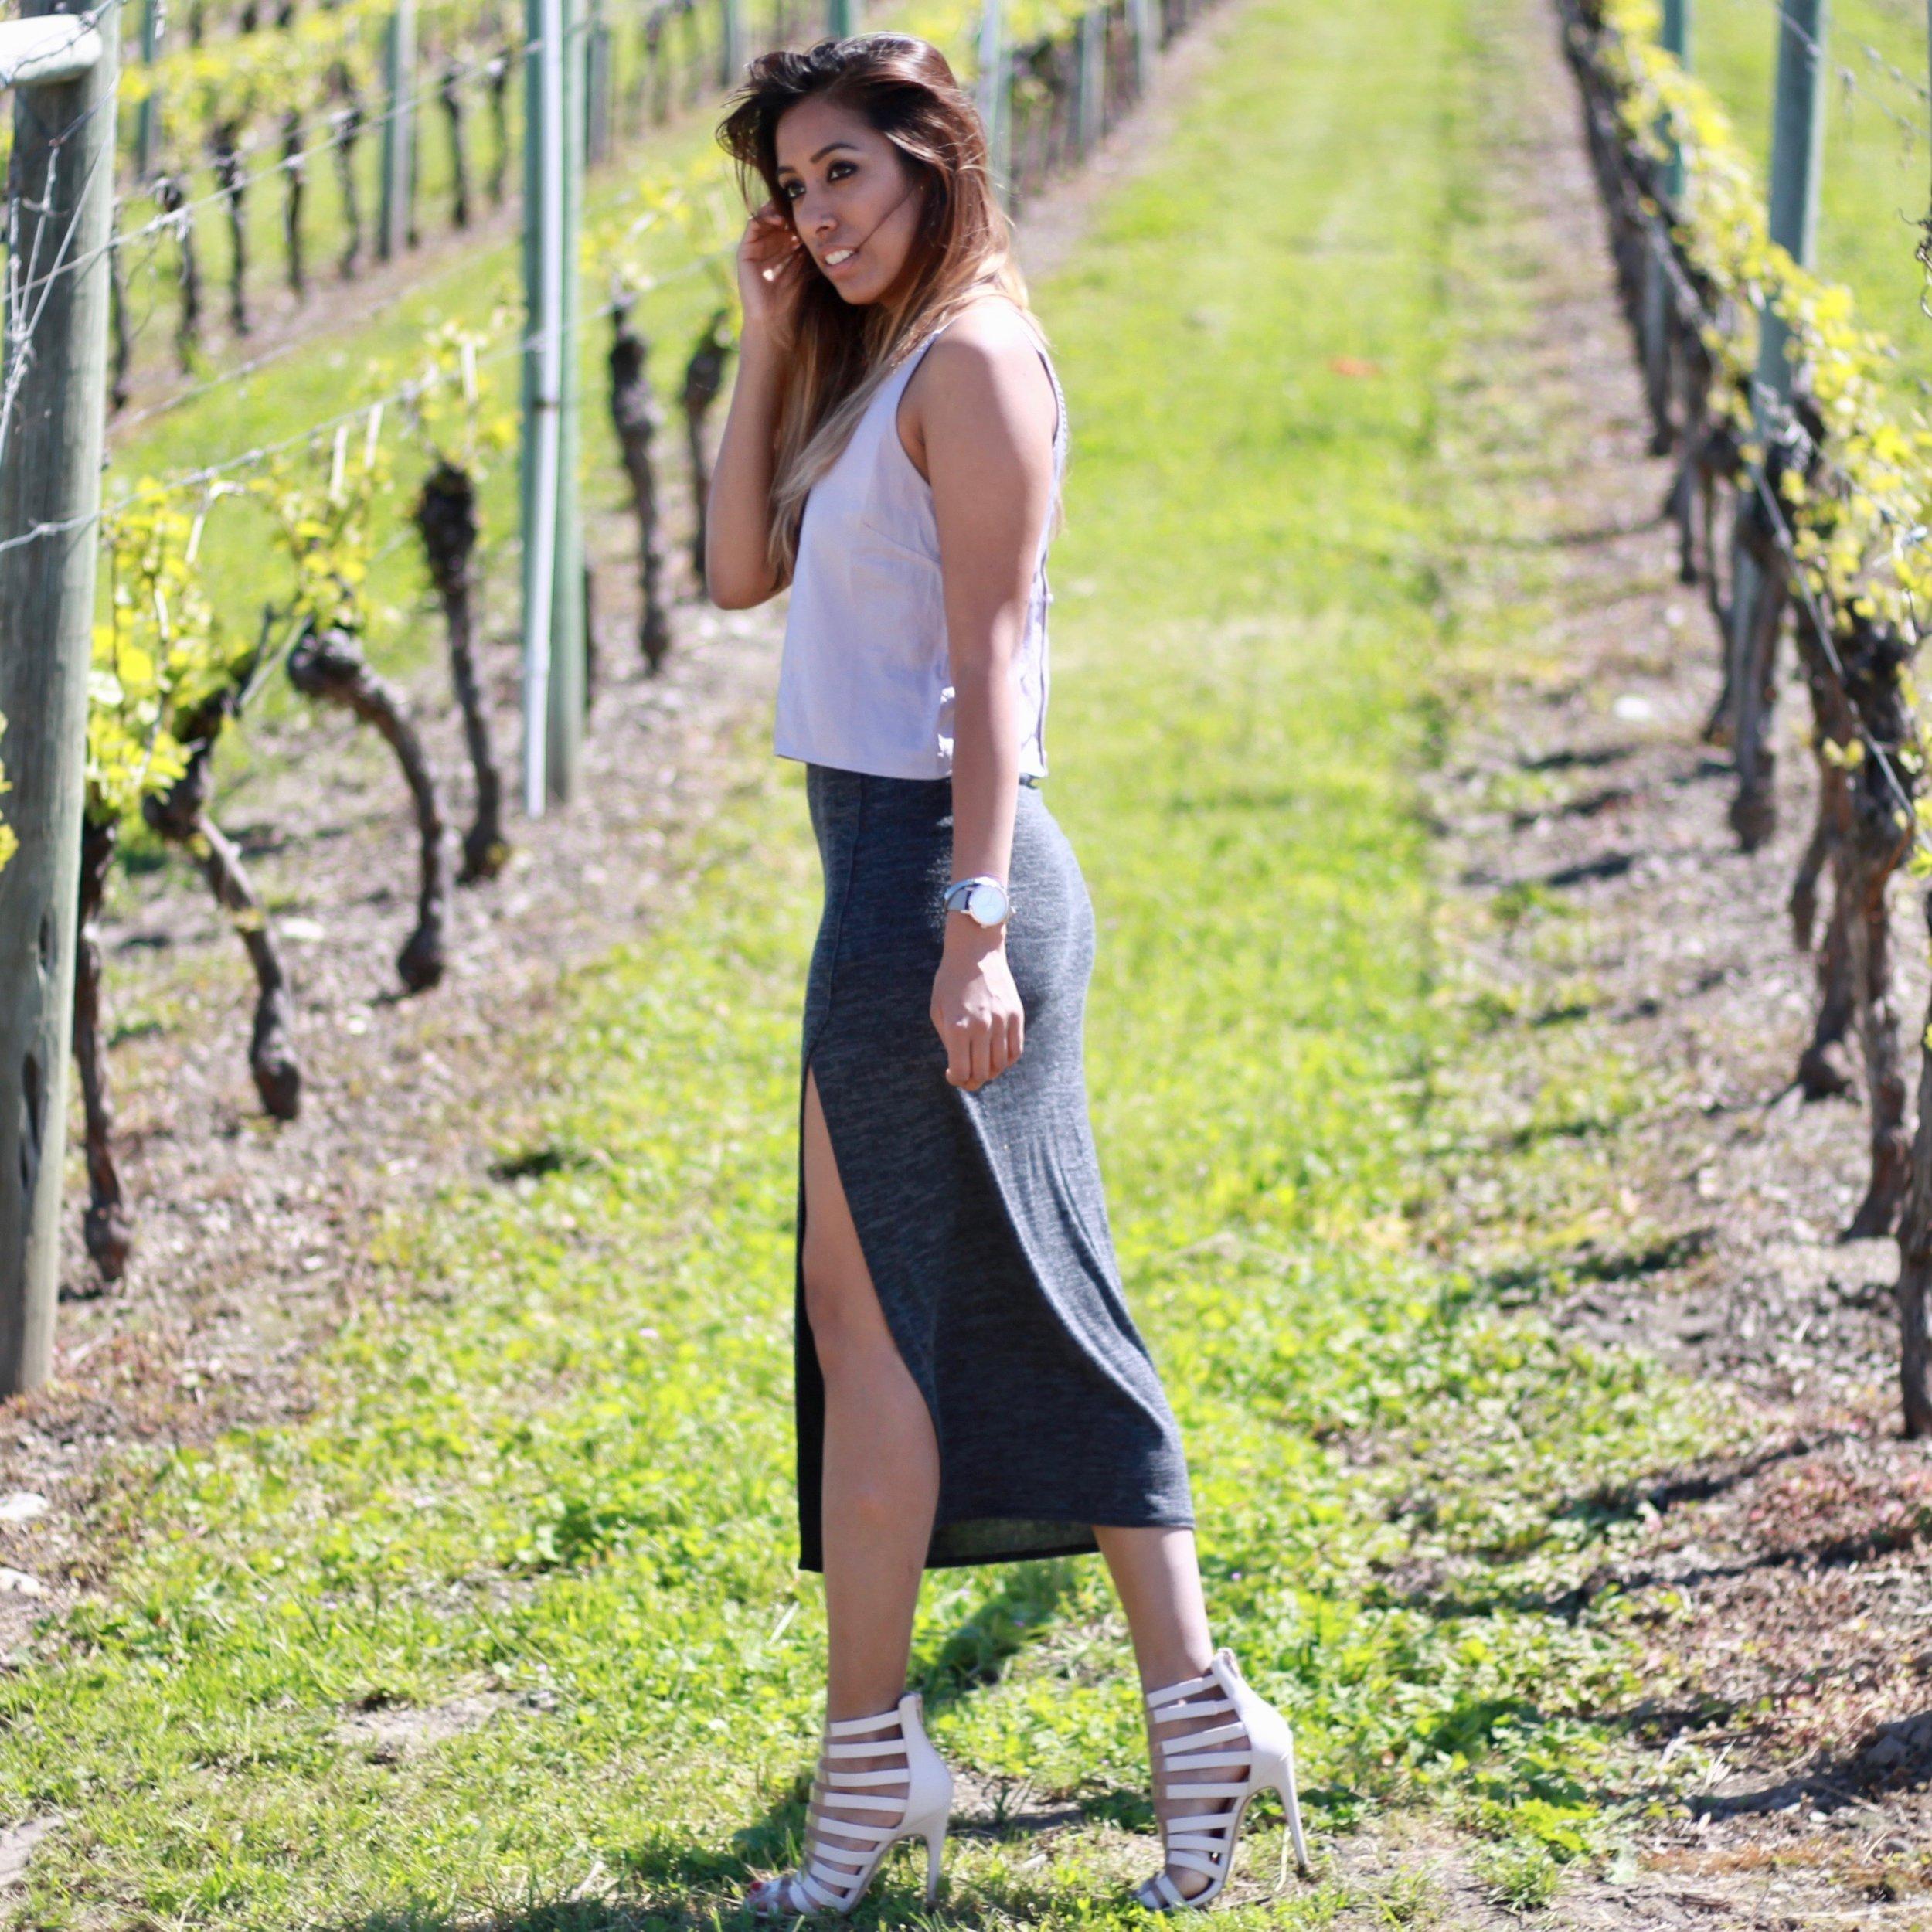 Vineyards skirts heels